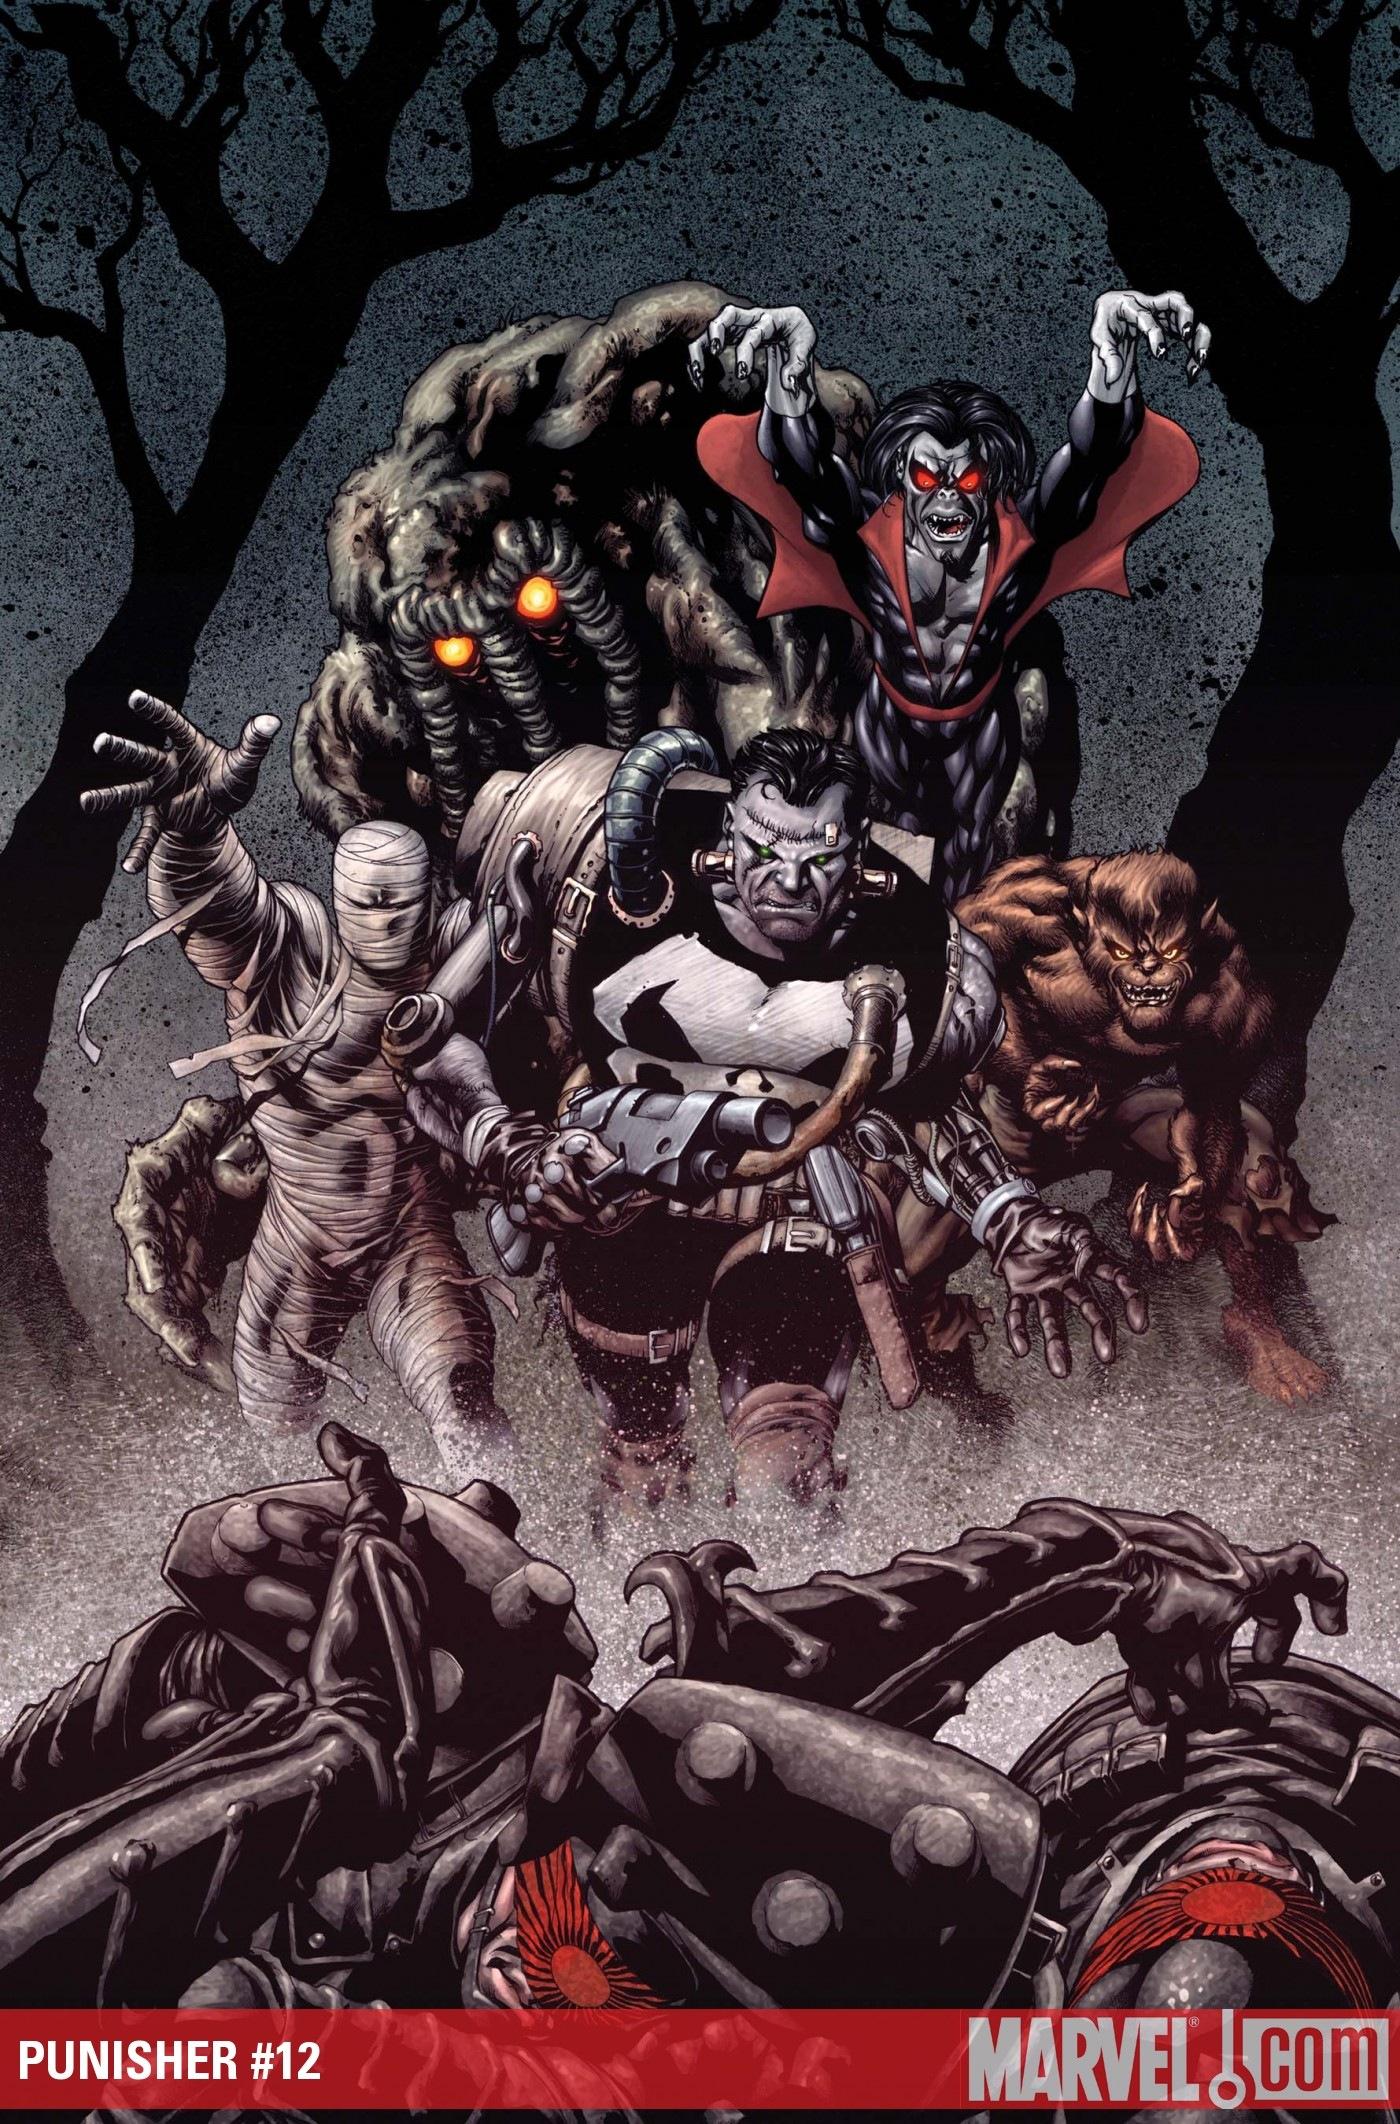 Punisher Kills Spider-Man